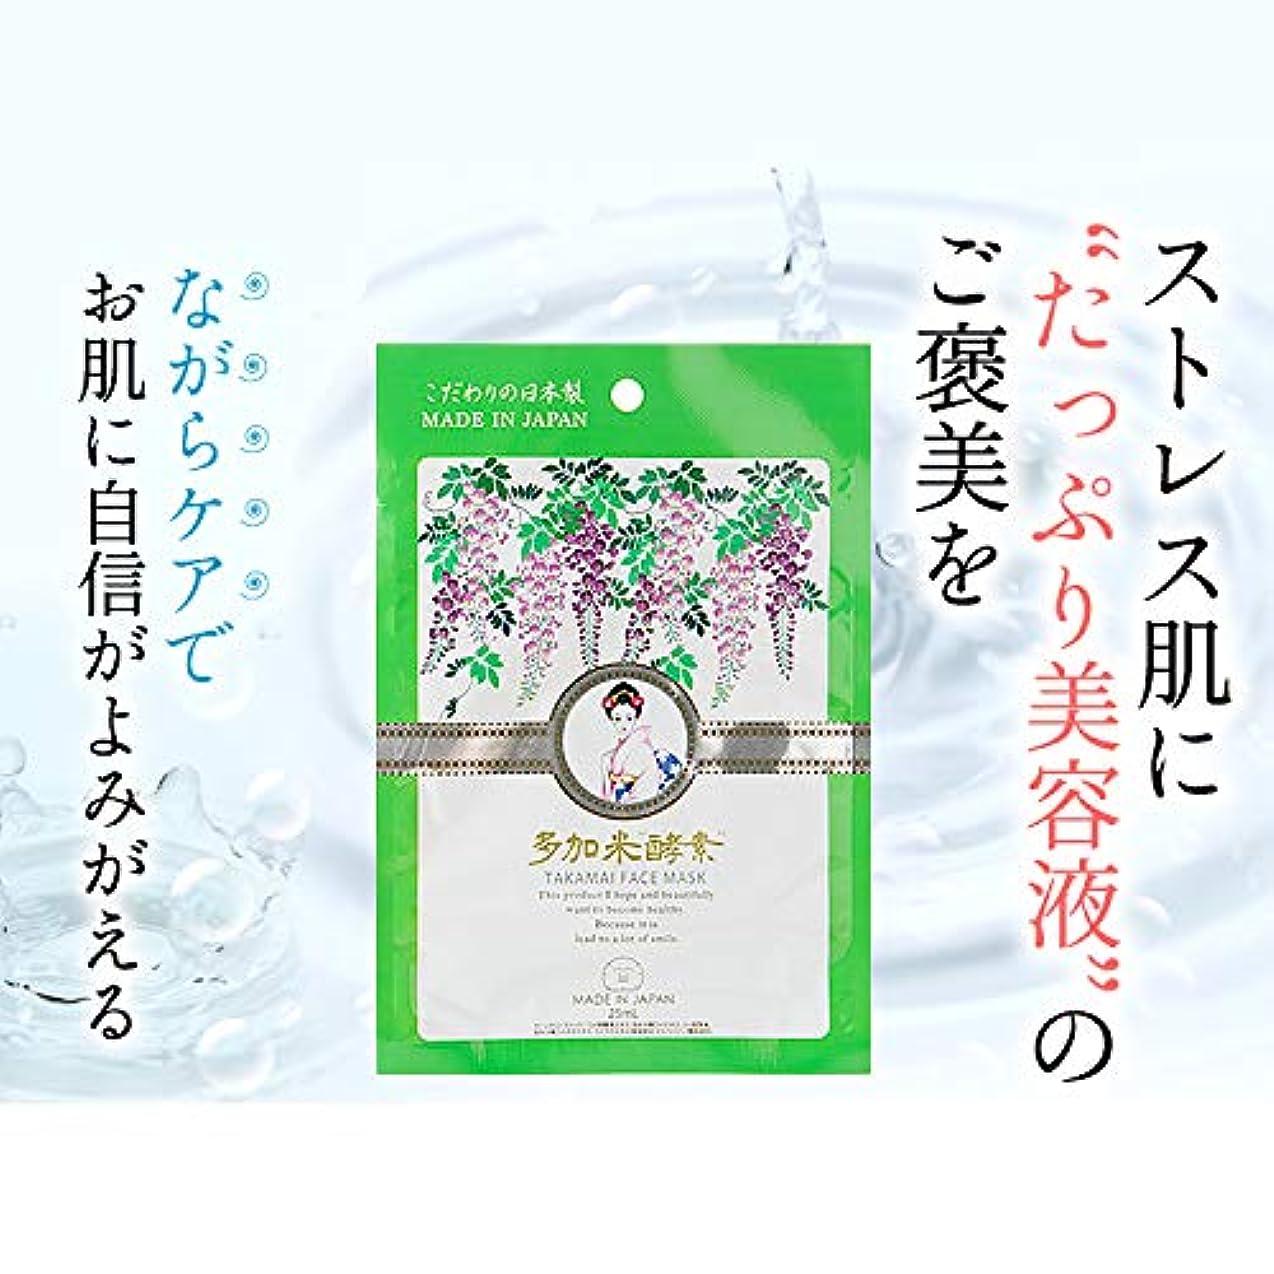 も解釈する同化する多加米酵素フェイスマスク シートマスク フェイスマスク 保湿マスク 美容液 25ml 10枚セット